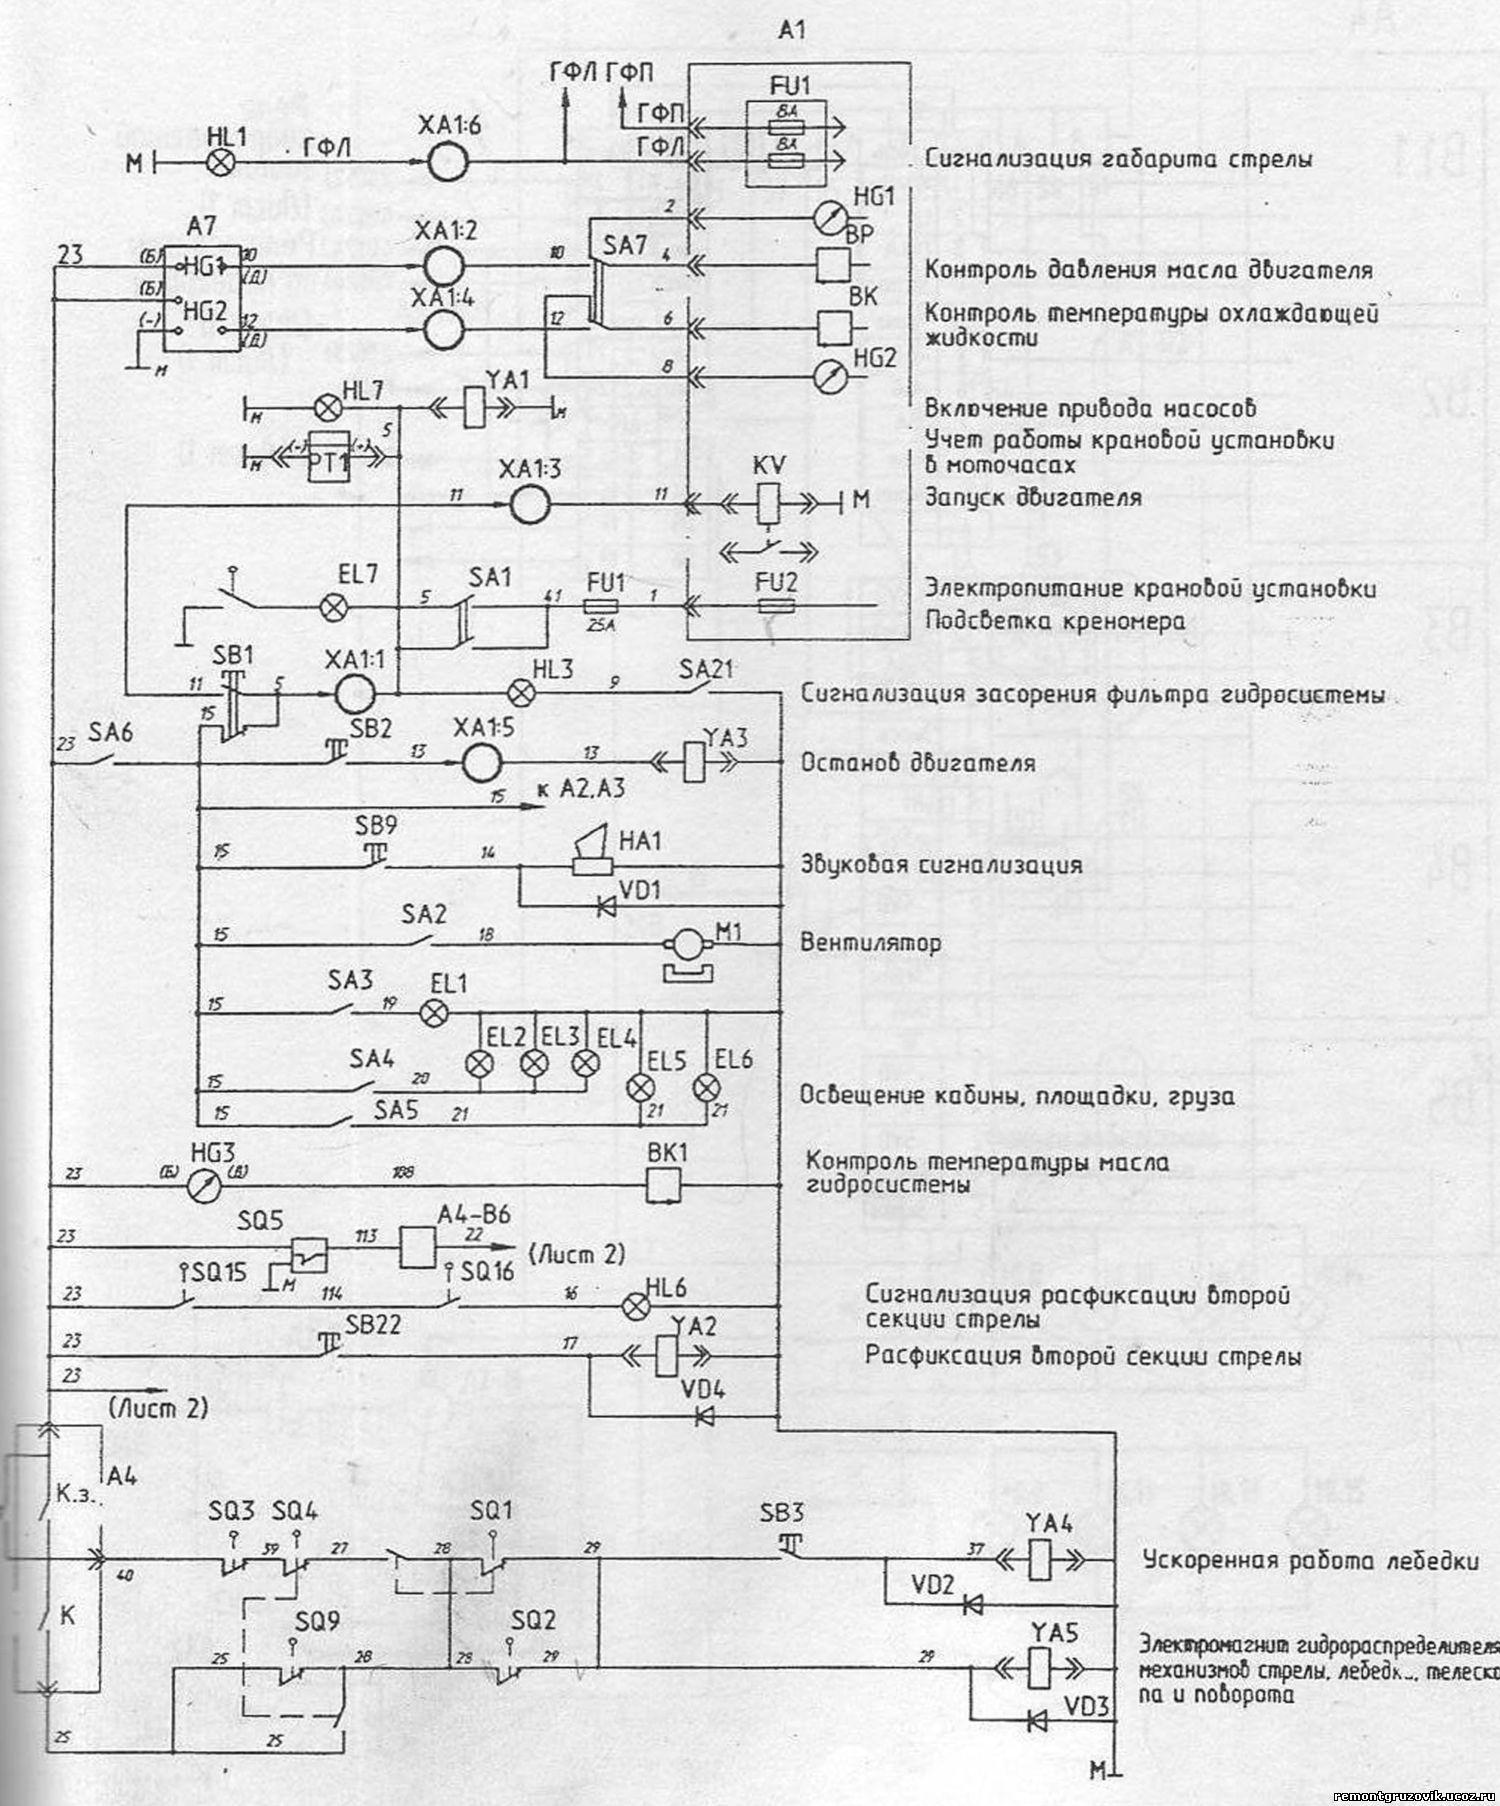 Принципиальная схема на кран кс-5363